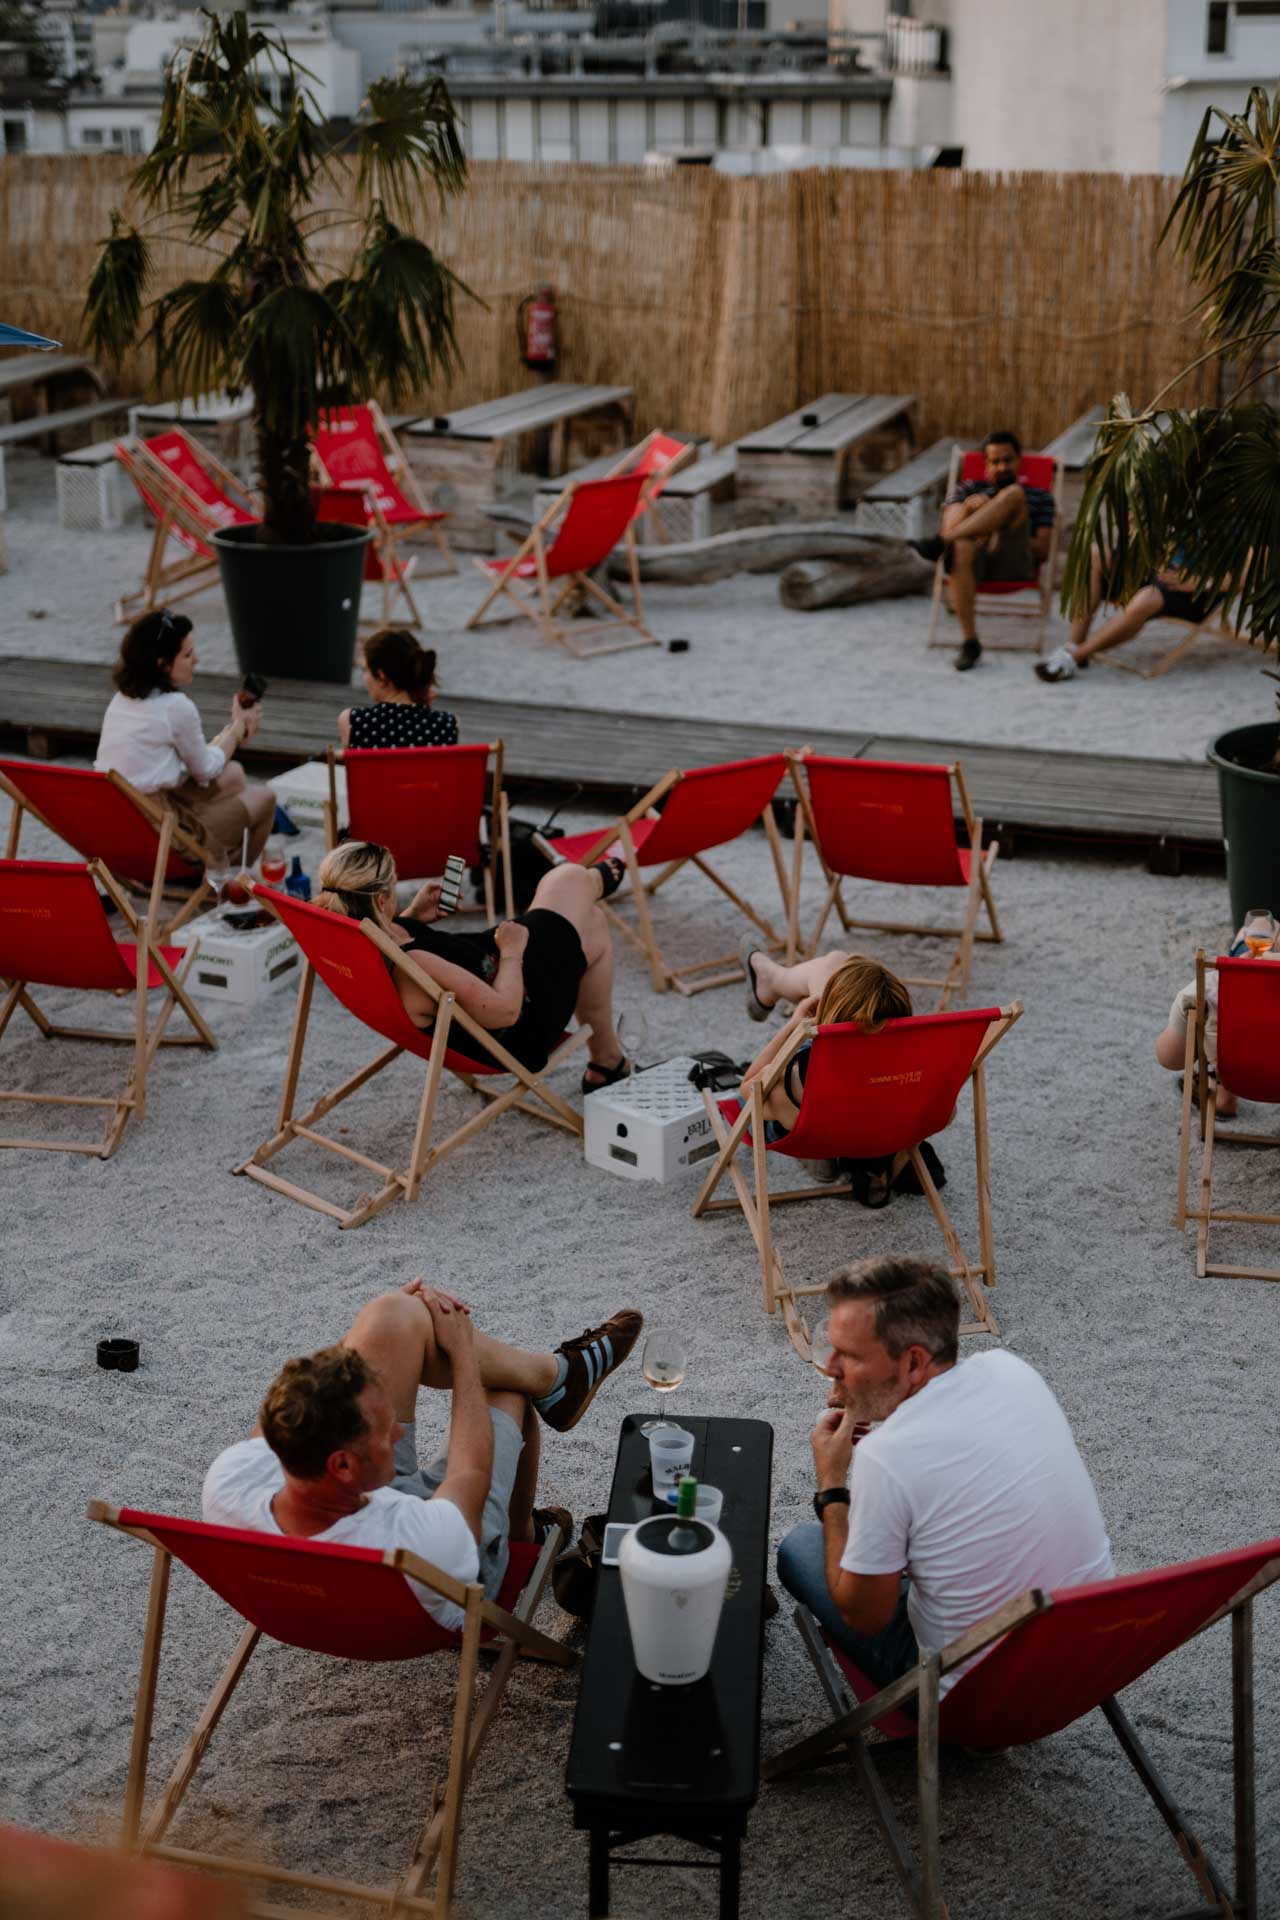 Biergärten_wearecity_koeln_julia_breuer-33.jpg